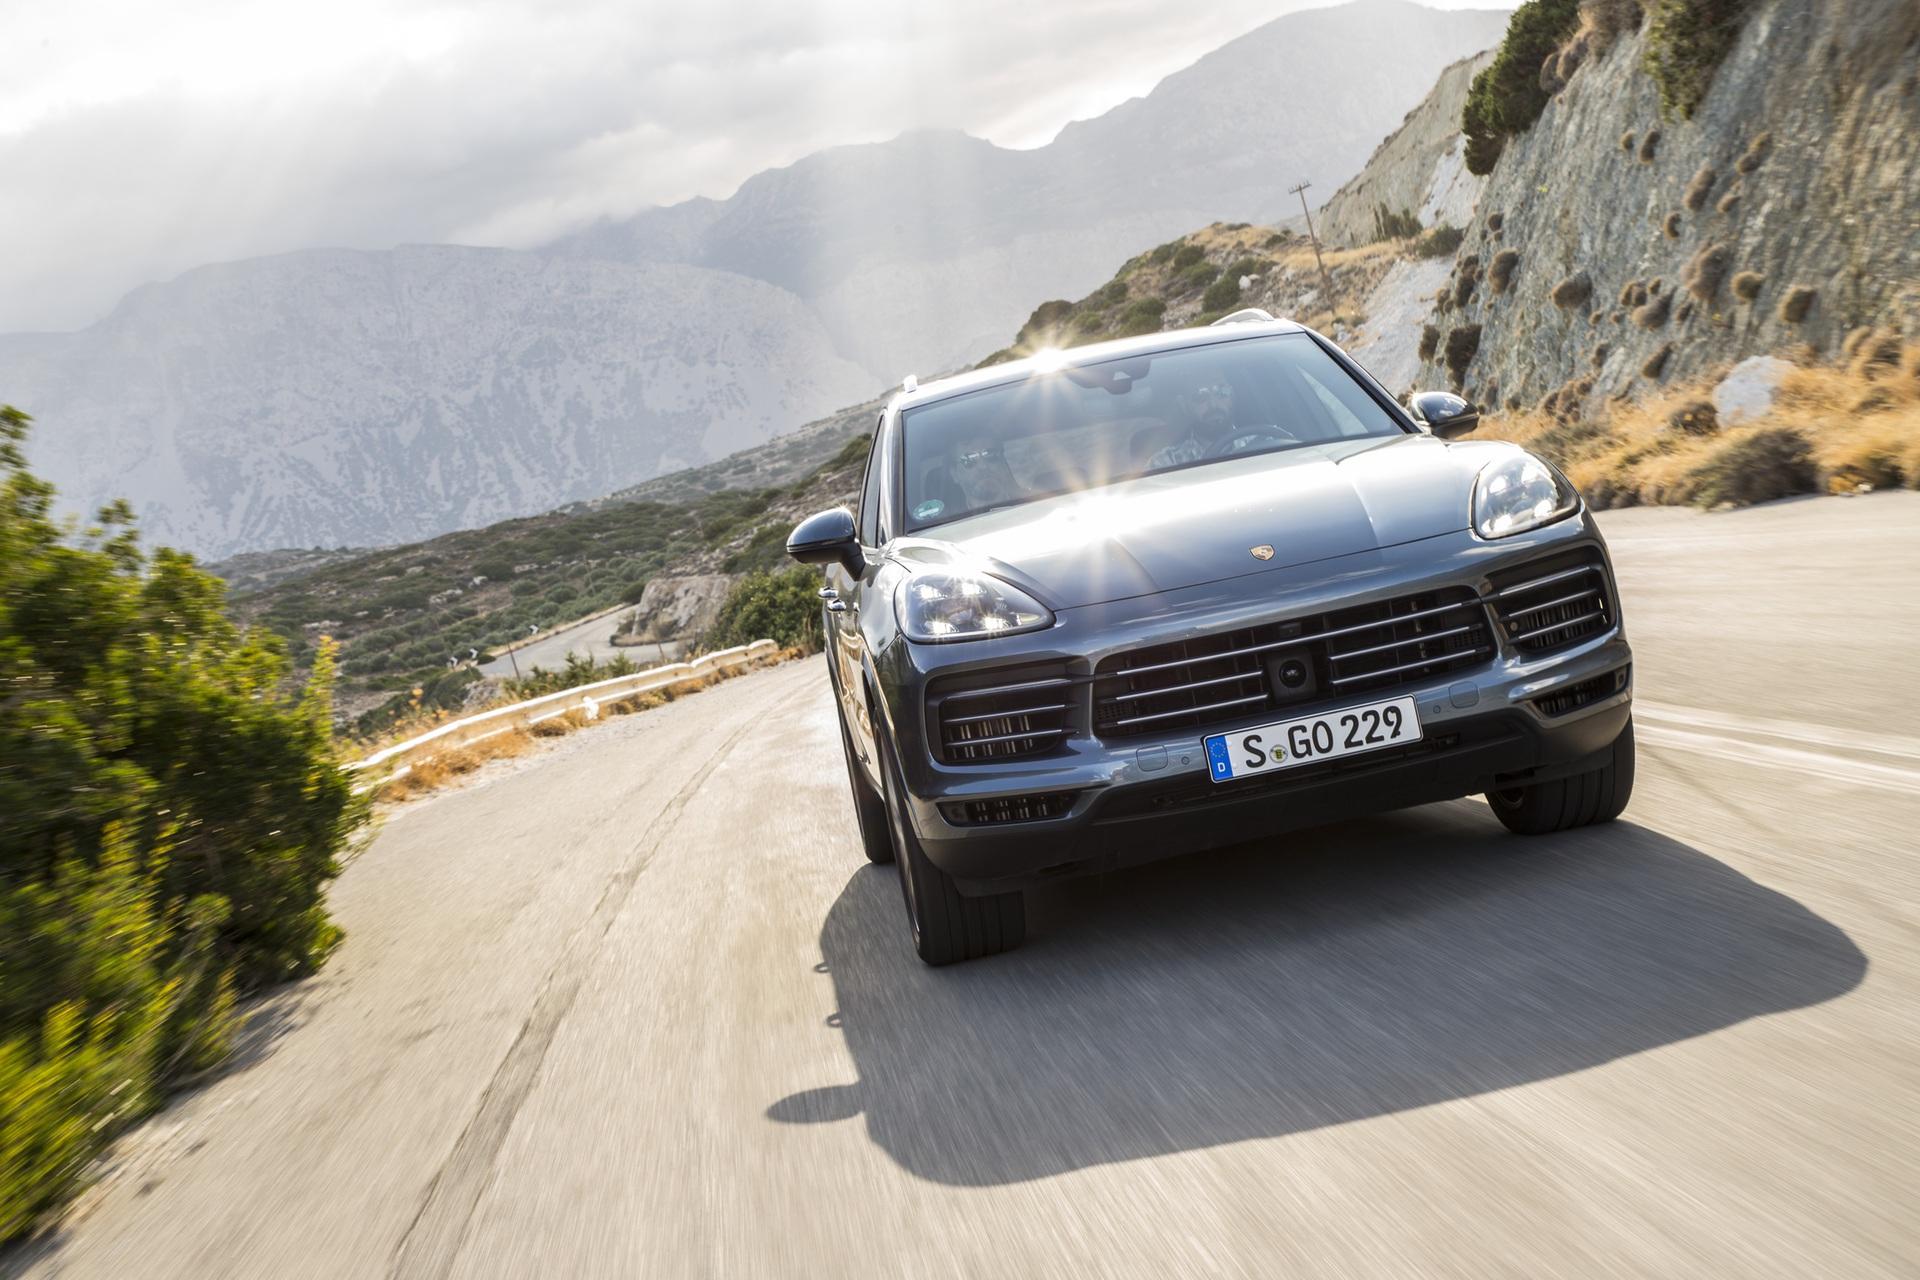 Test_Drive_Porsche_Cayenne_05